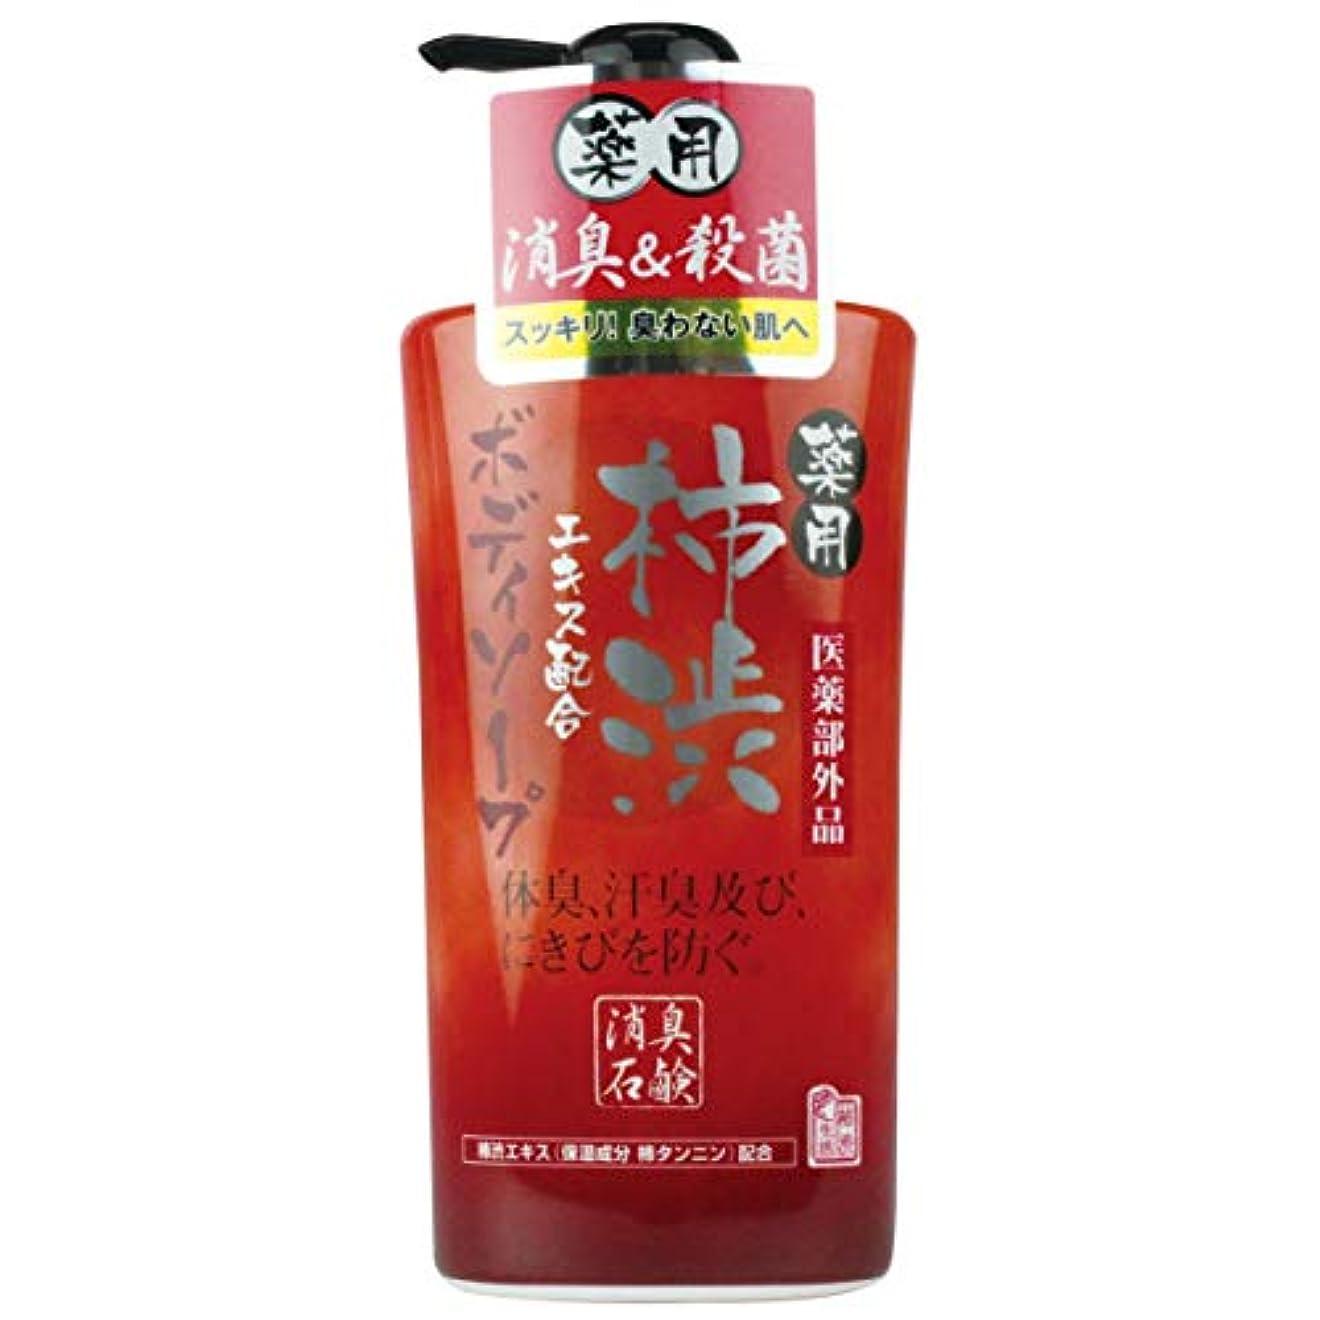 言い換えると骨髄ペンス薬用柿渋 ボディソープ 550mL 【医薬部外品】